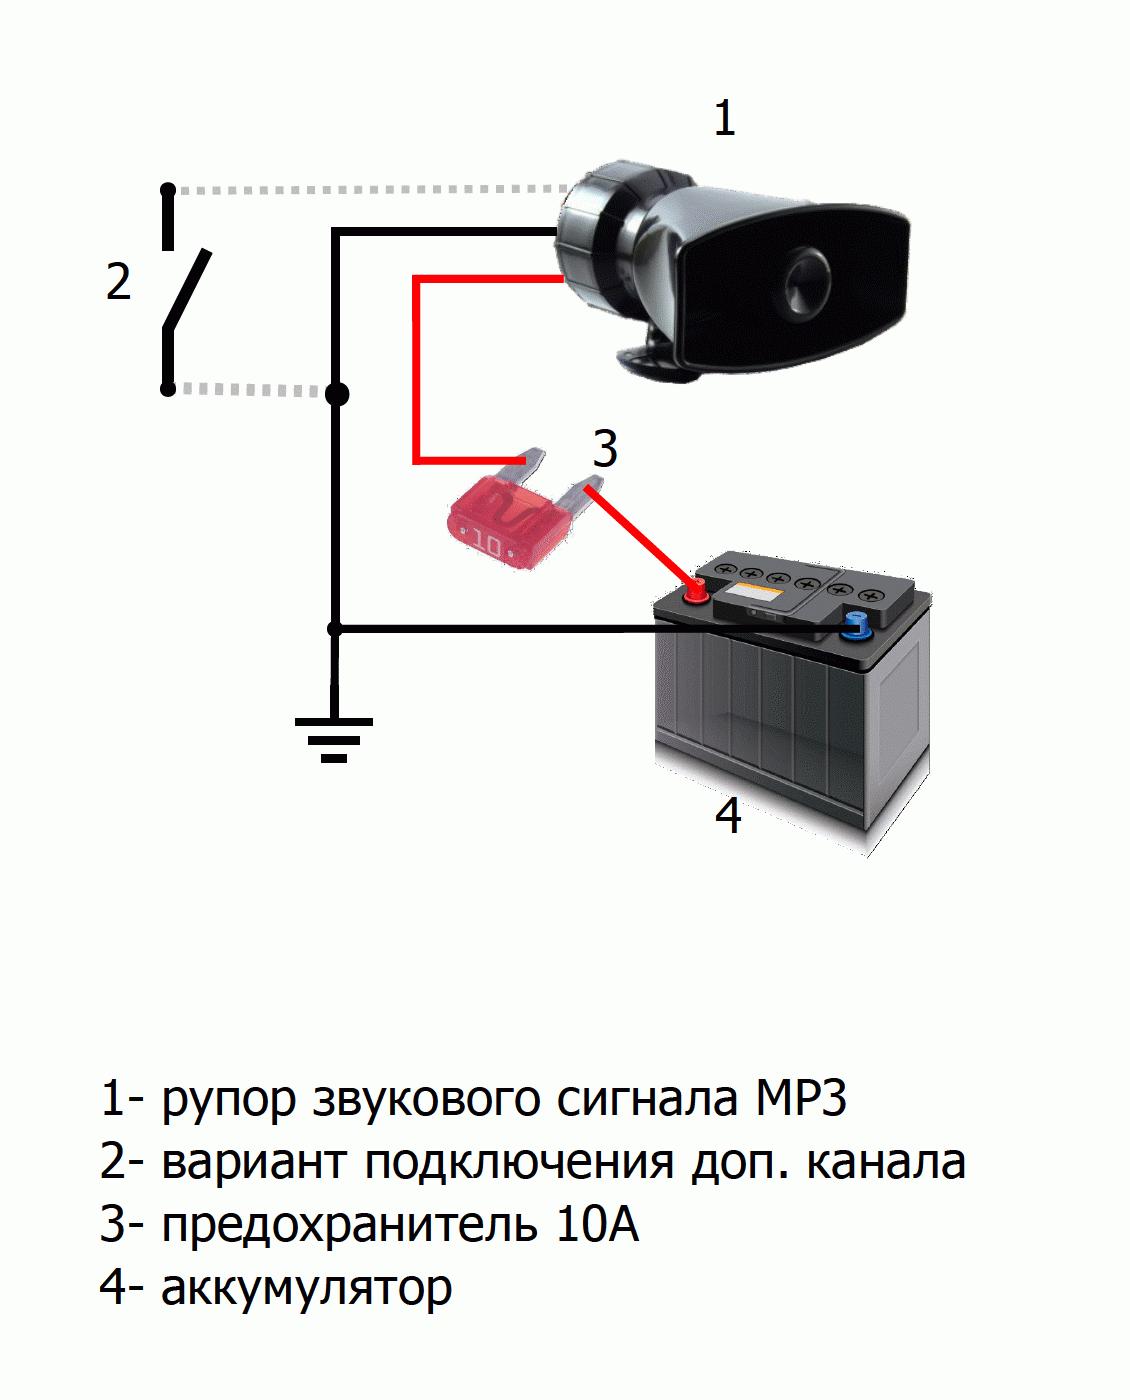 Схема подключения музыкального сигнала MP3